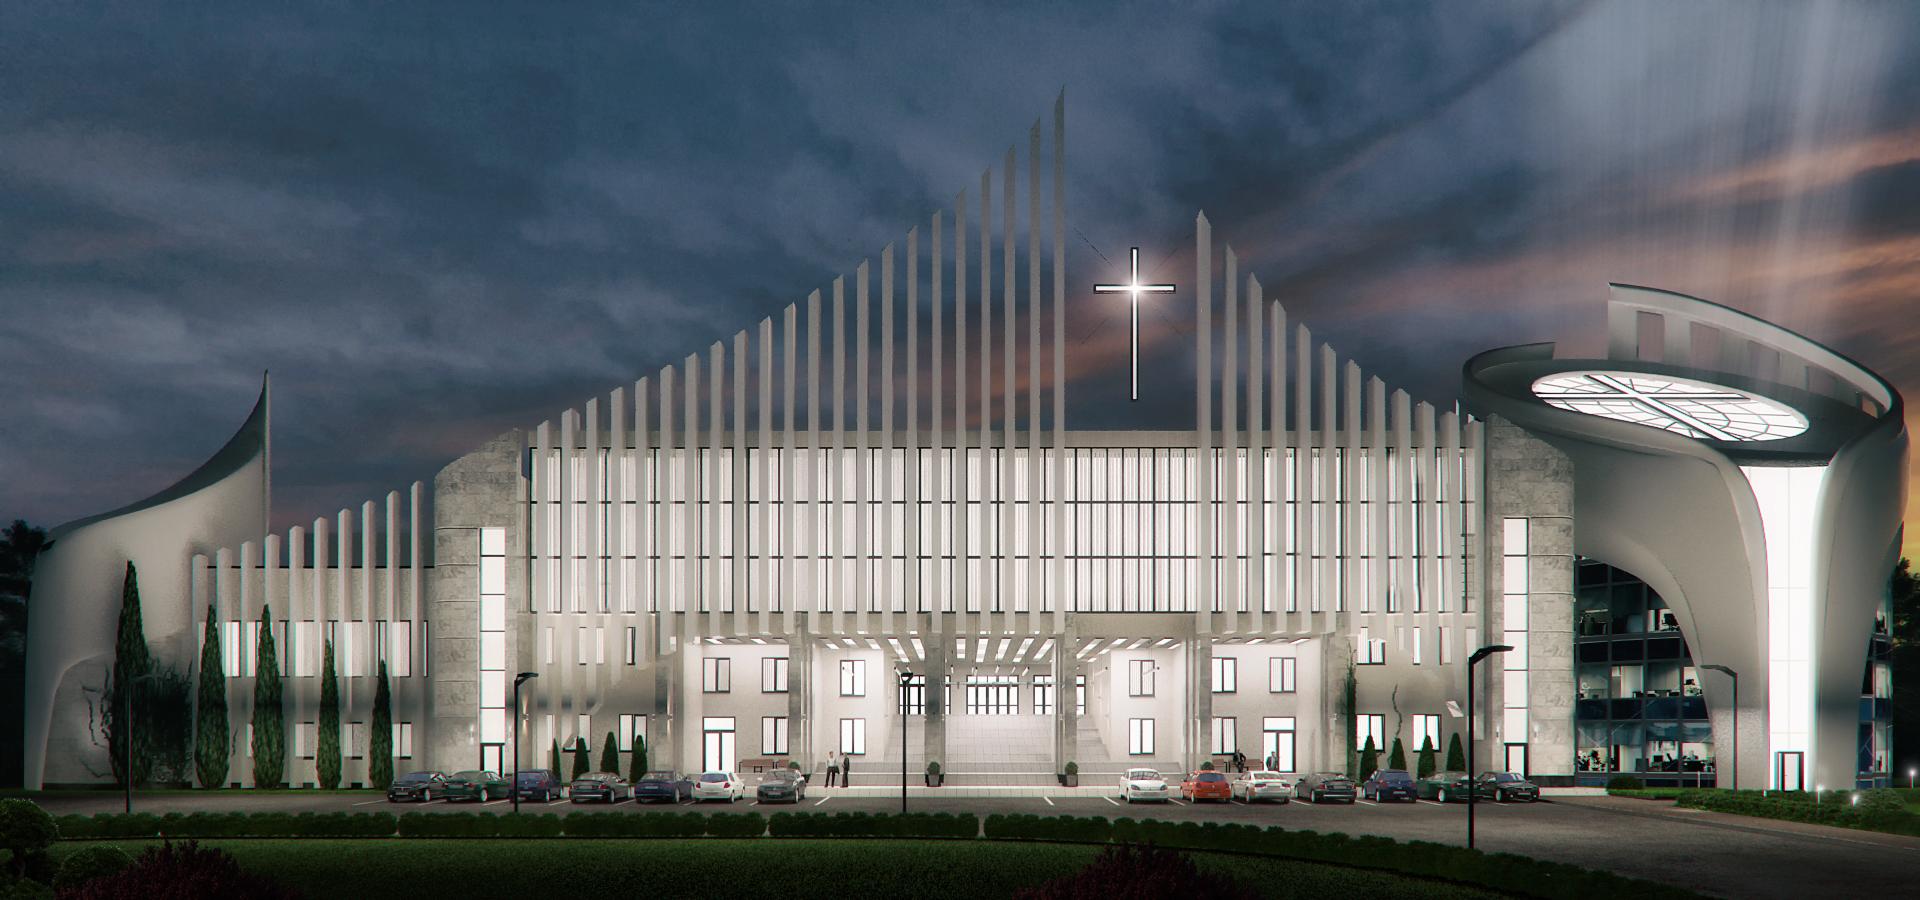 Евангельская церковь Христианская надежда